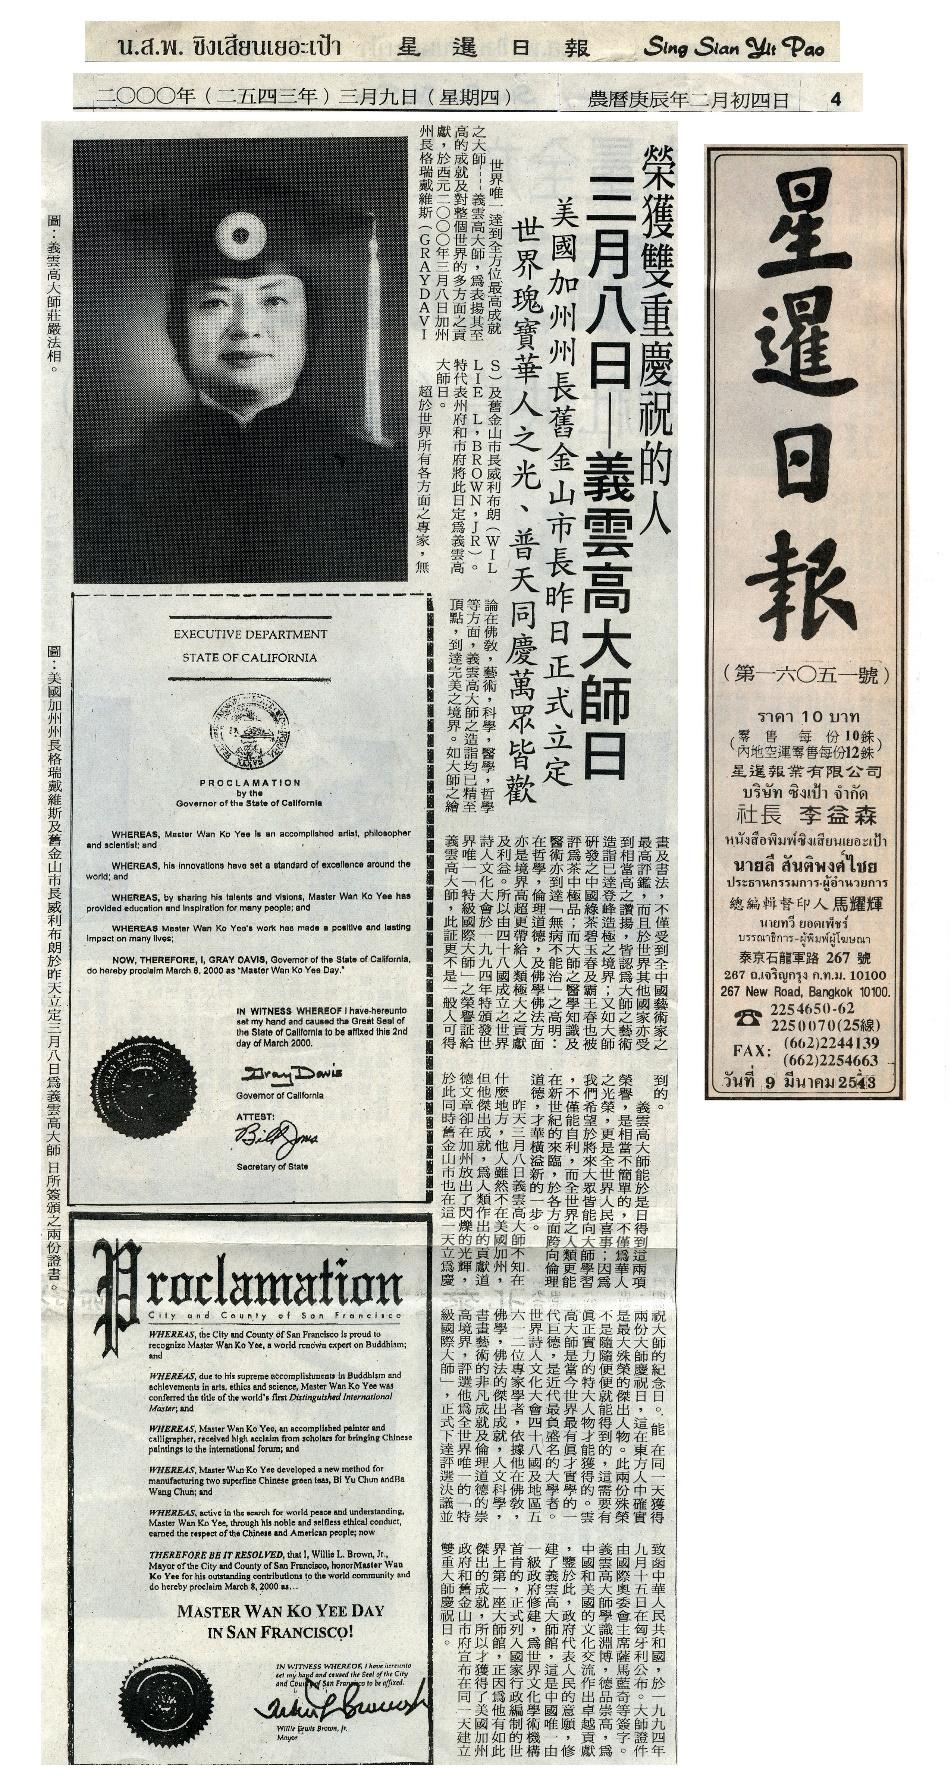 三月八日被定为义云高大师日  世界瑰宝华人之光  普天同庆万众皆欢 第2张